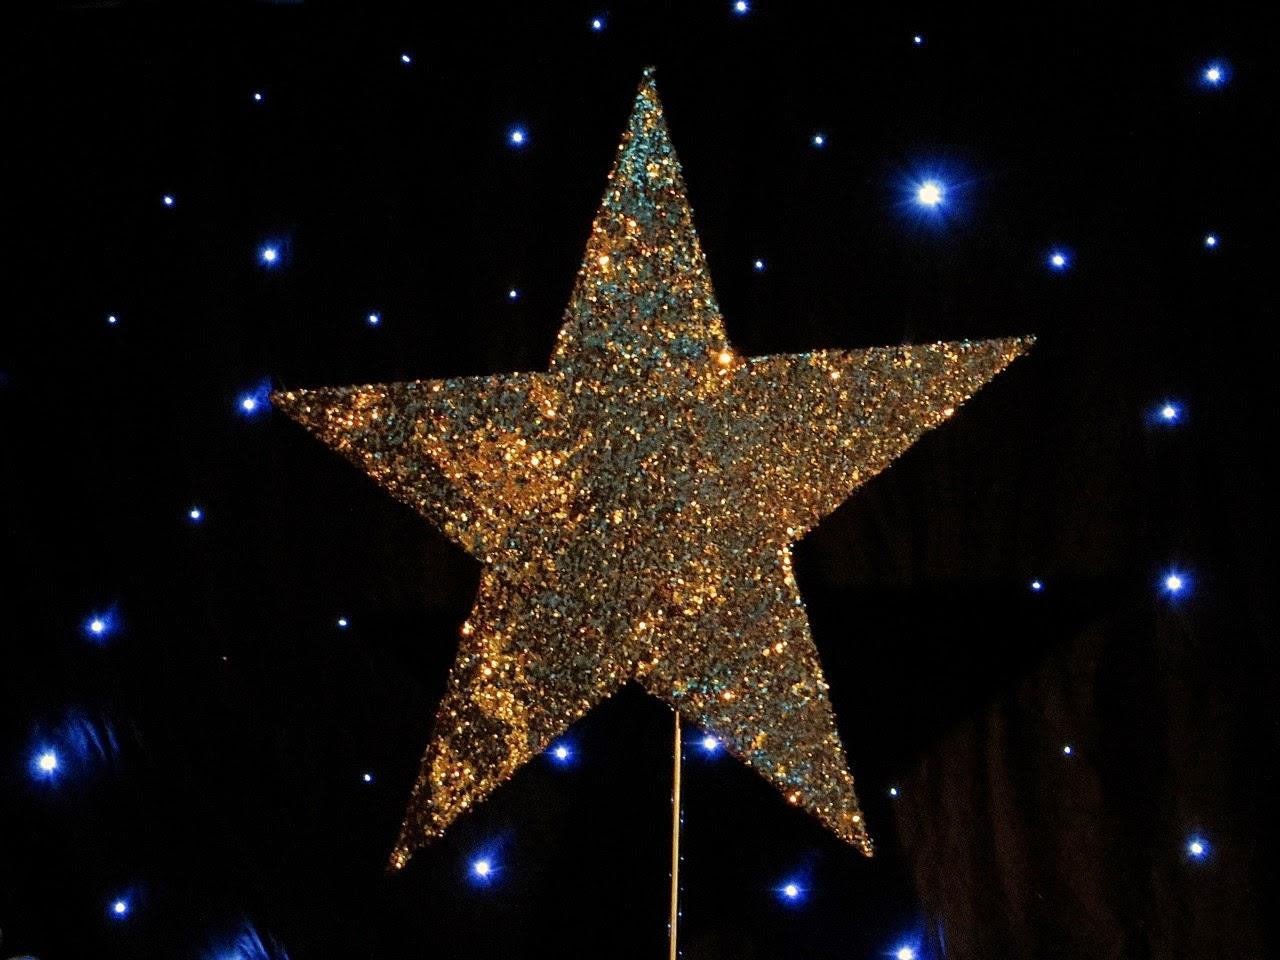 Erdmöbel Weihnachten.Neulich Als Ich Weihnachten Vergaß Erdmöbel In Der Kulturkirche